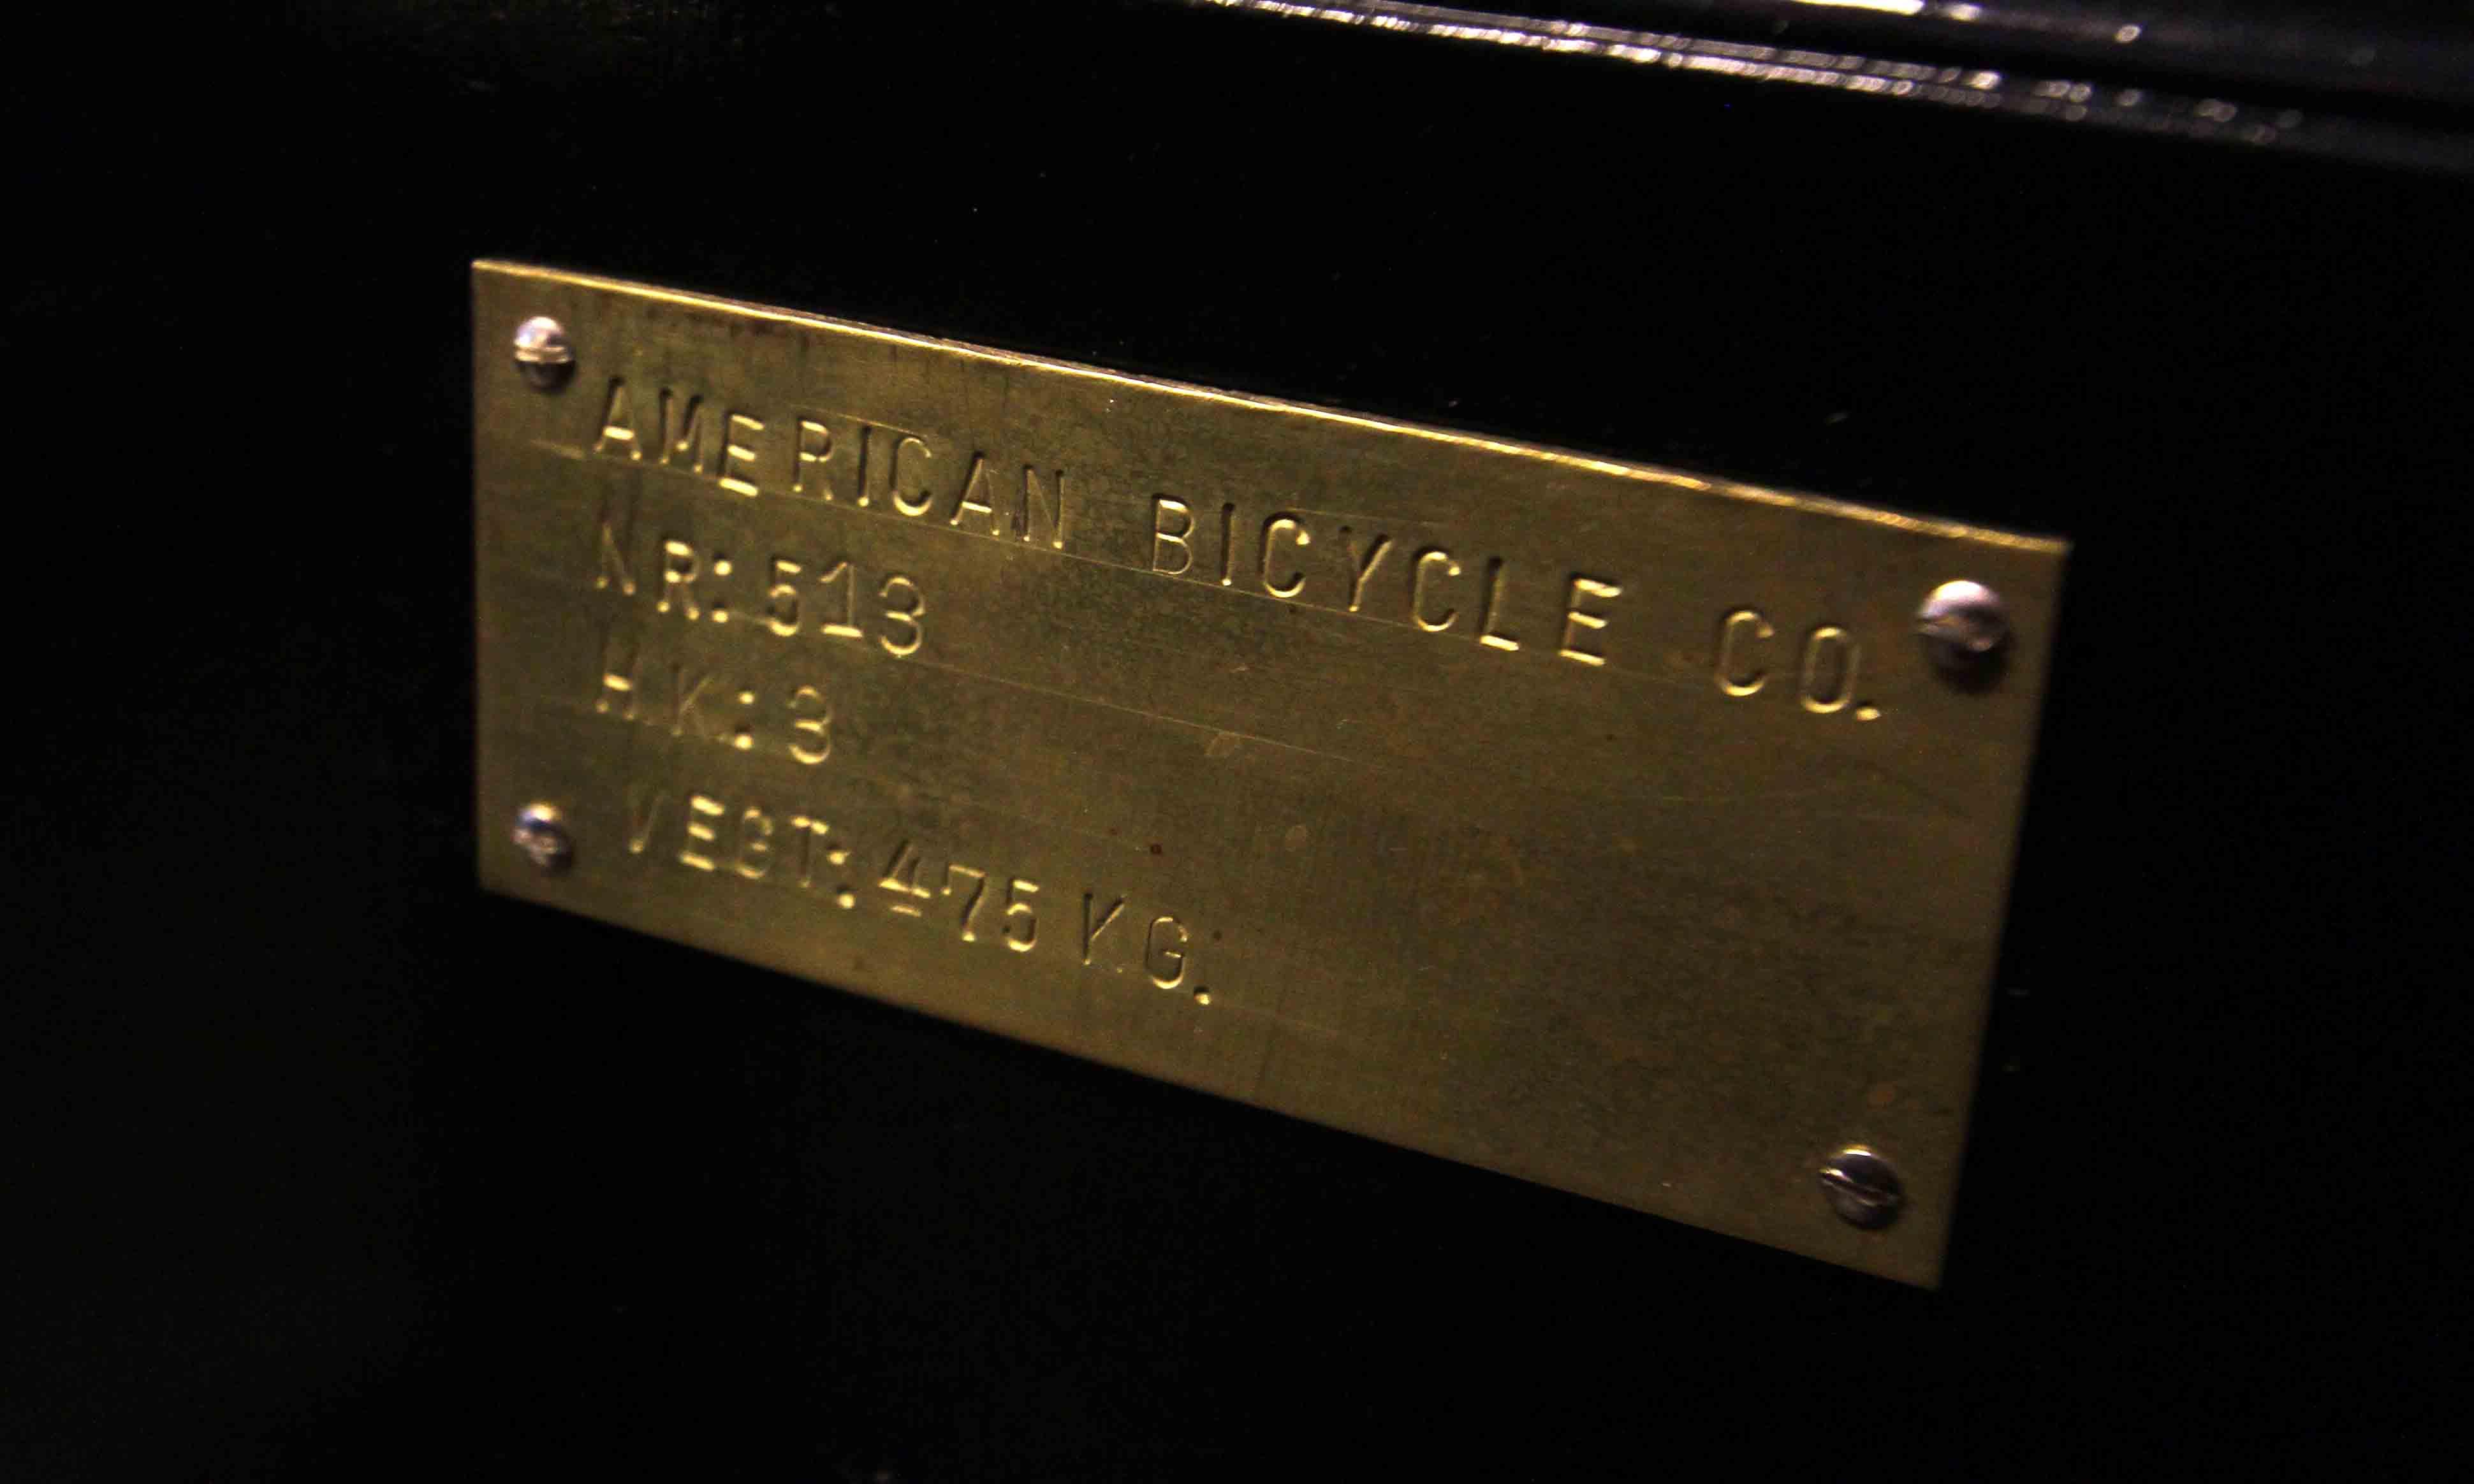 blogg 20150818 waverley bicycle 800